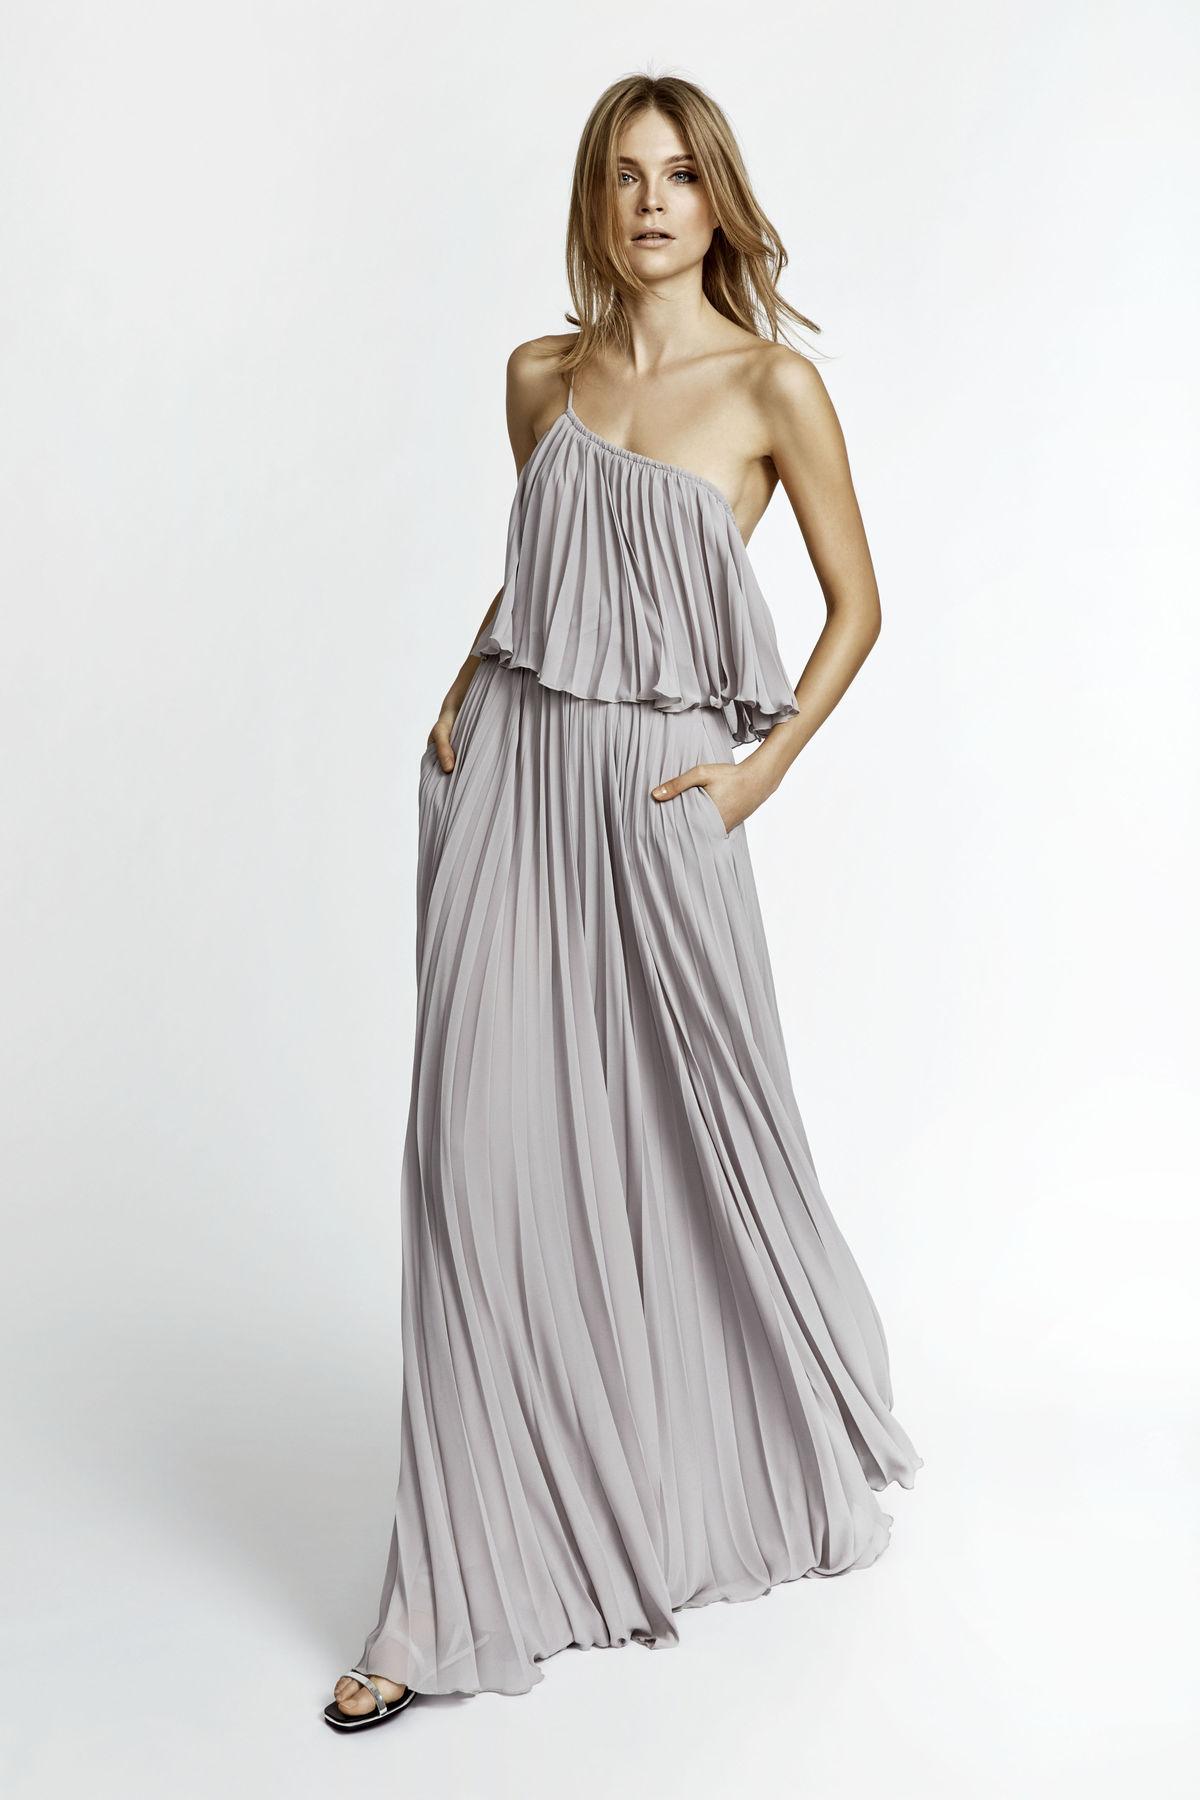 e333a7ea06a7 Dlhé letné šaty môžu byť ležérne